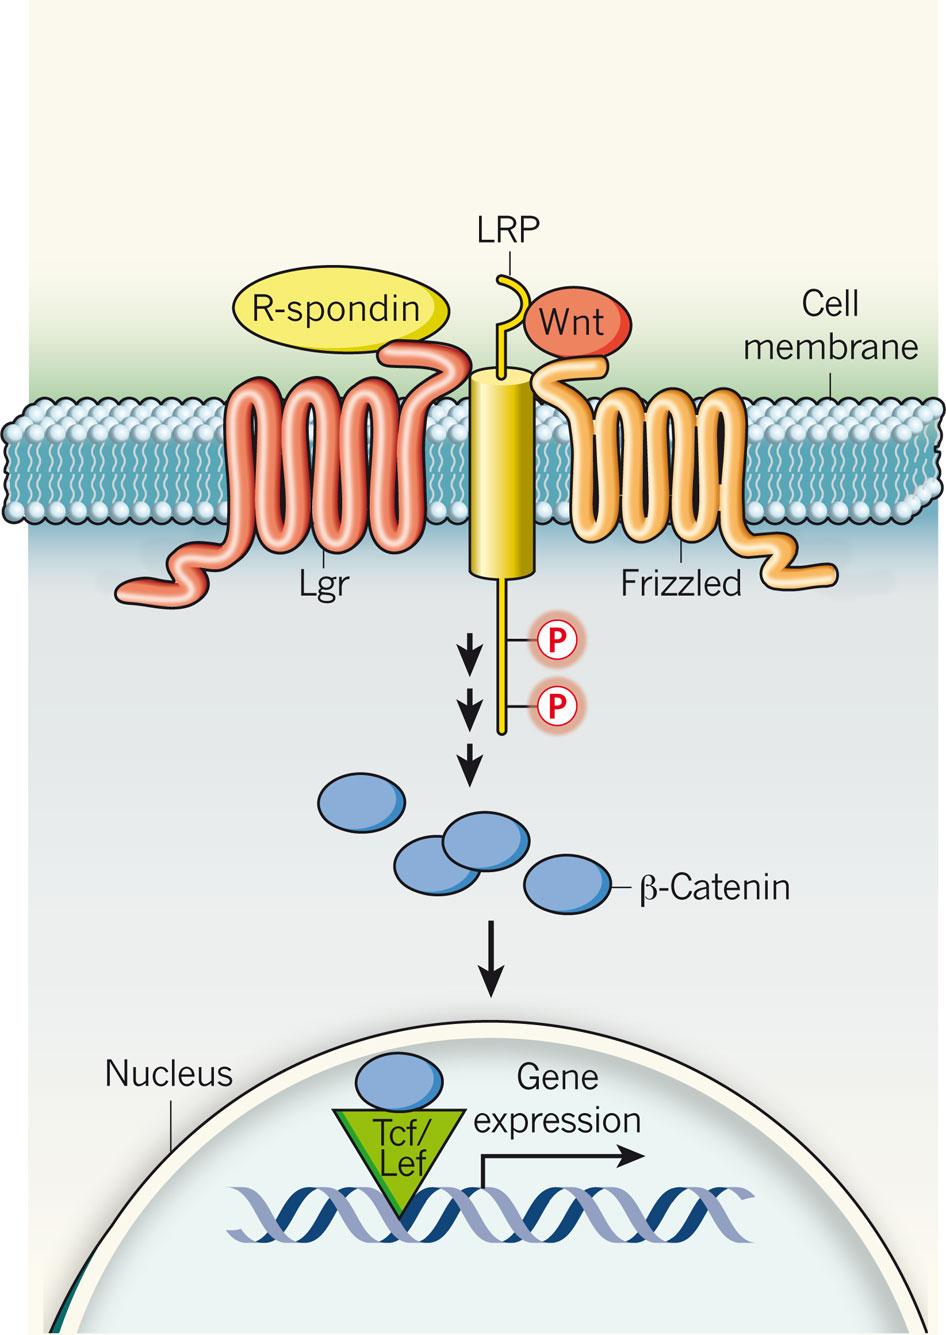 Targeting Cancer Stem Cells Oncomed S R Spondin Lgr